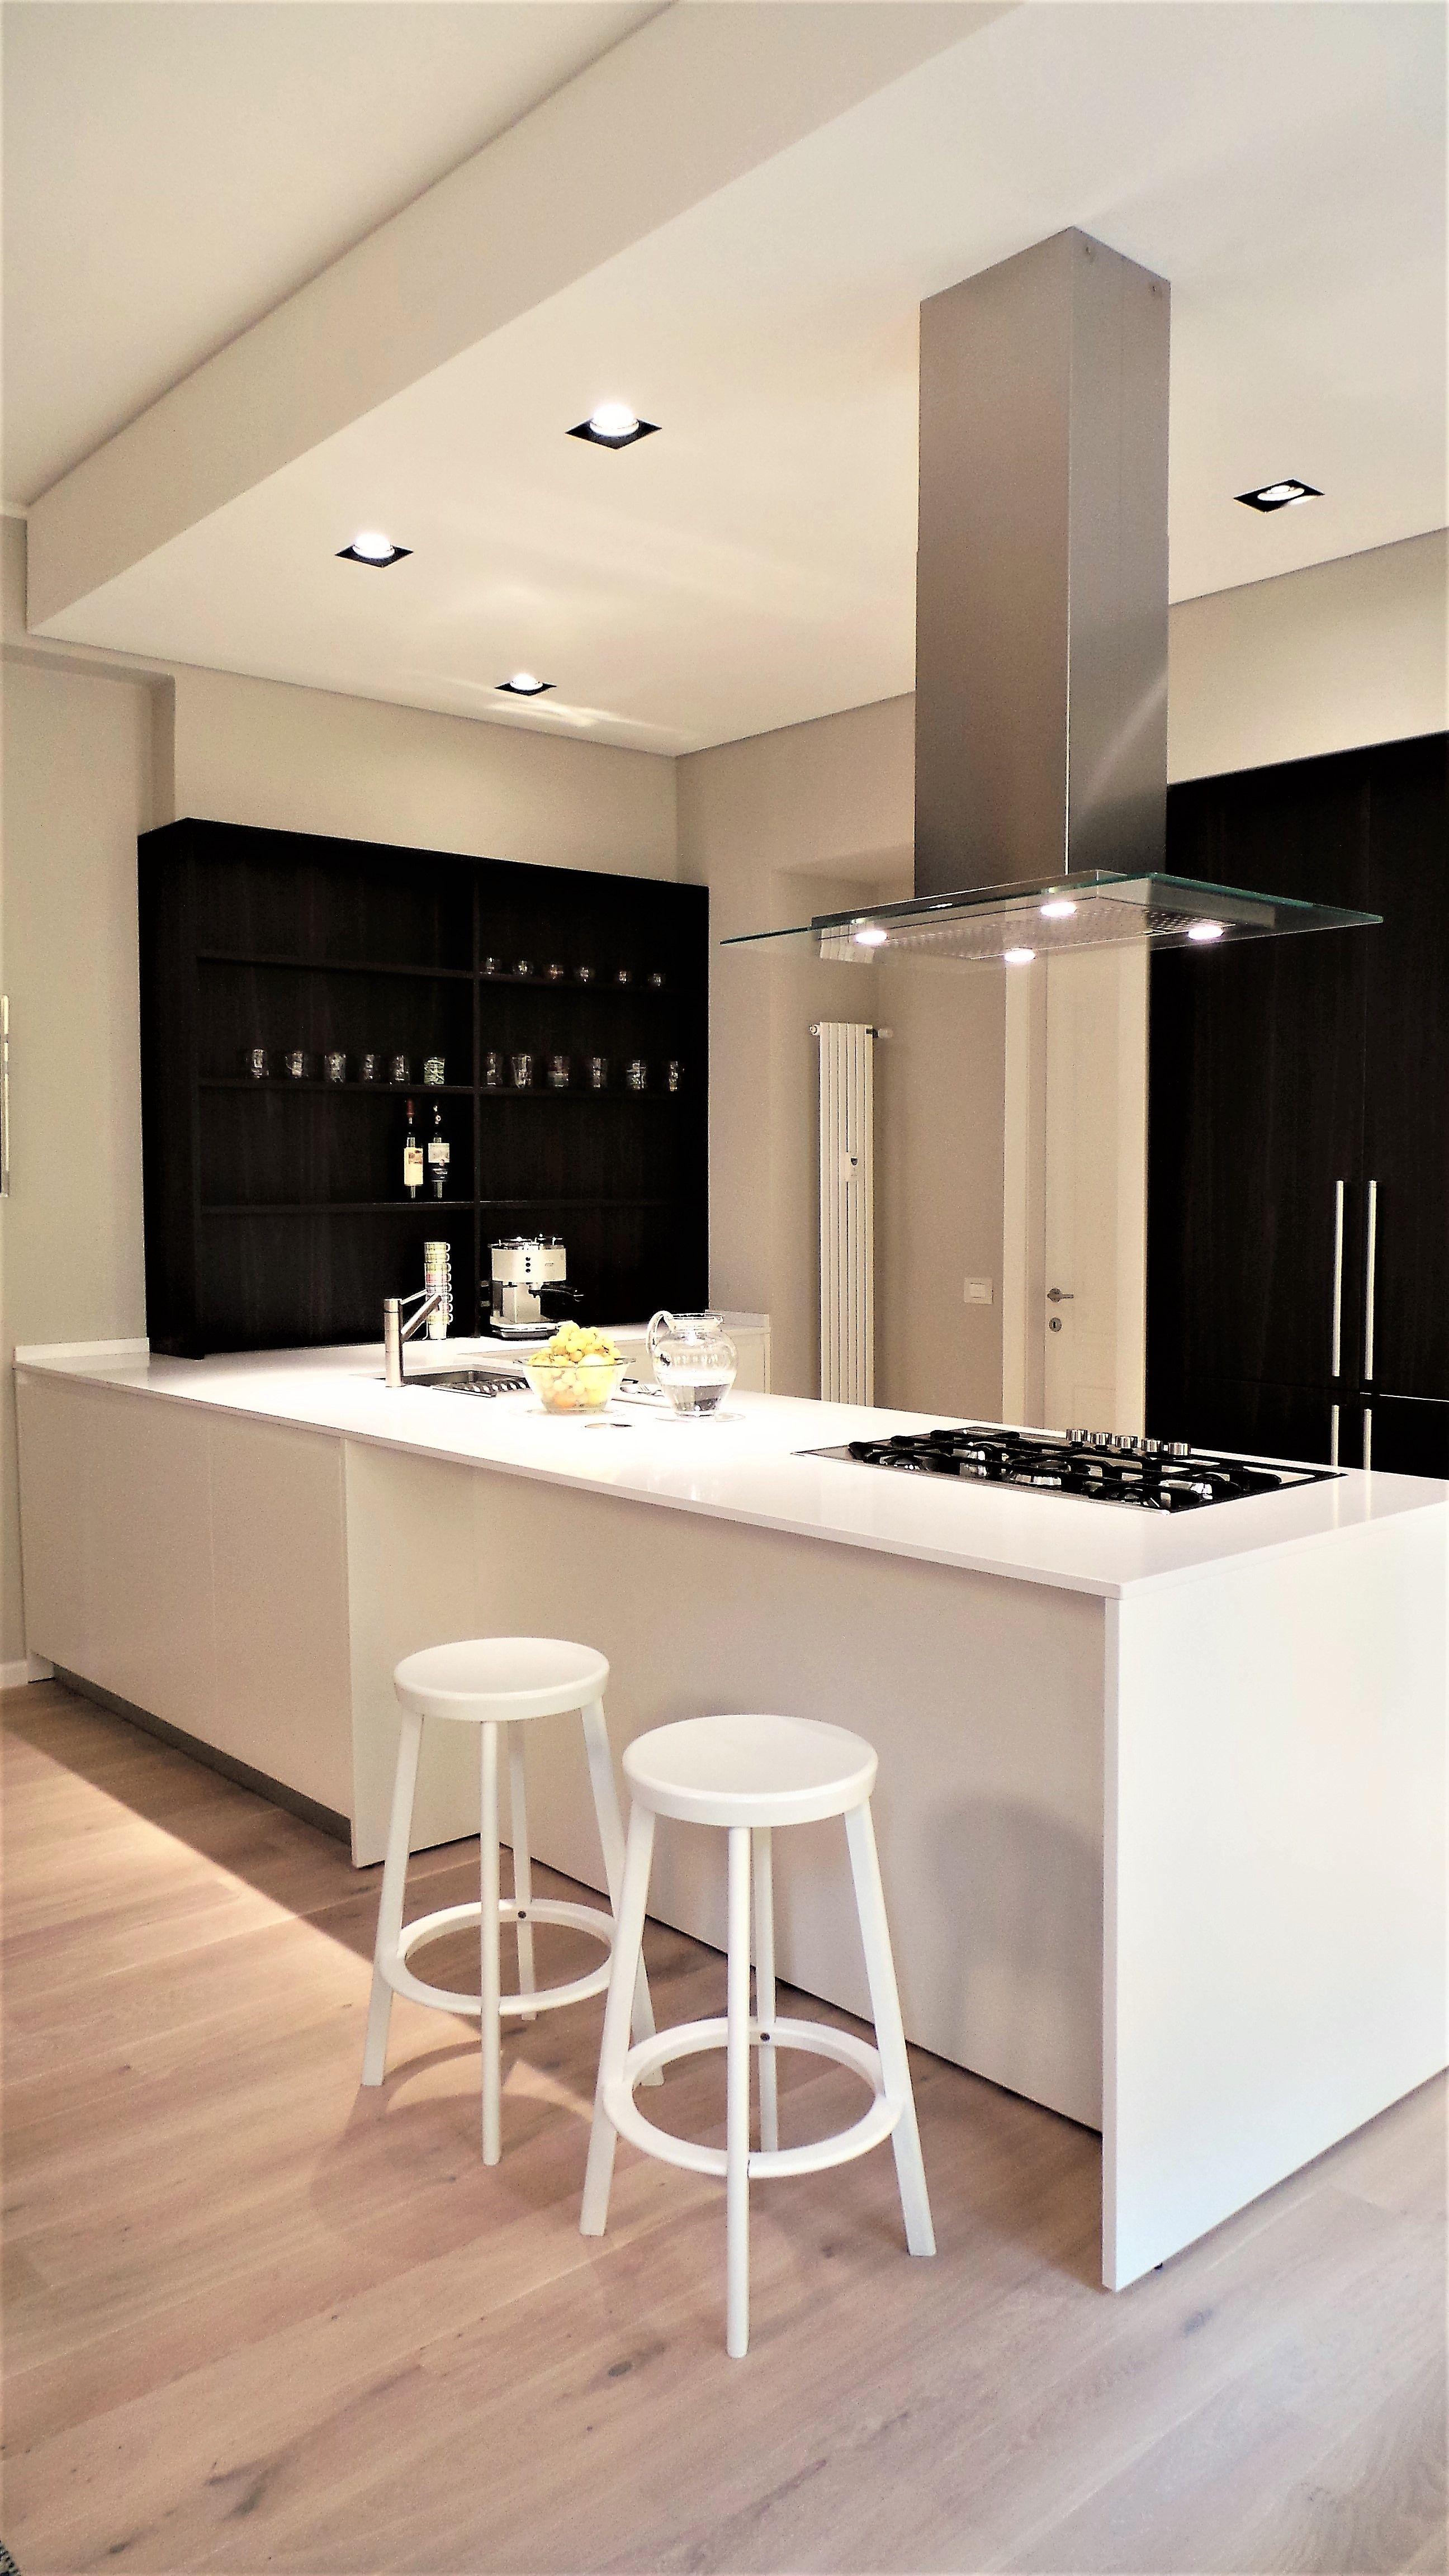 cucina a disegno in laccato bianco opaco e rovere termico | Casa DA ...